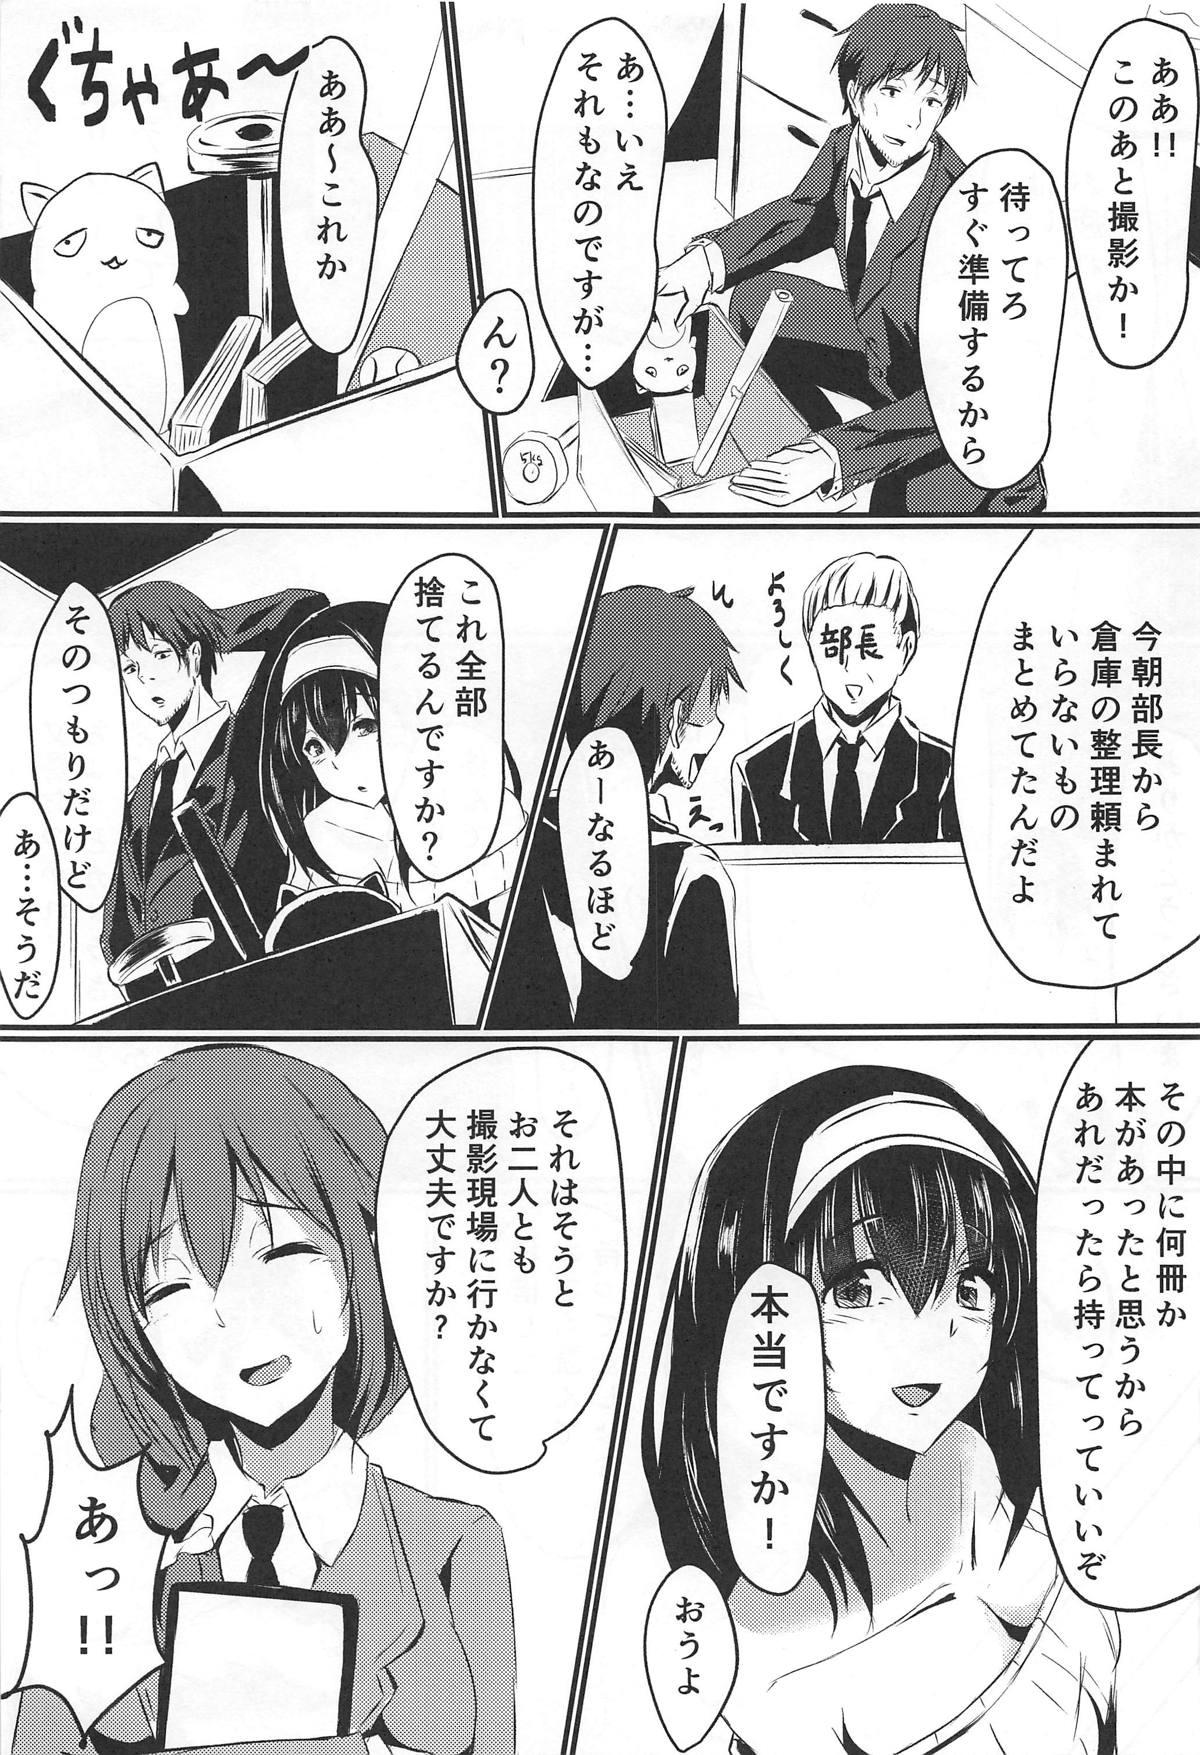 Sagisawa-san Nani Shiterun desu ka? 3